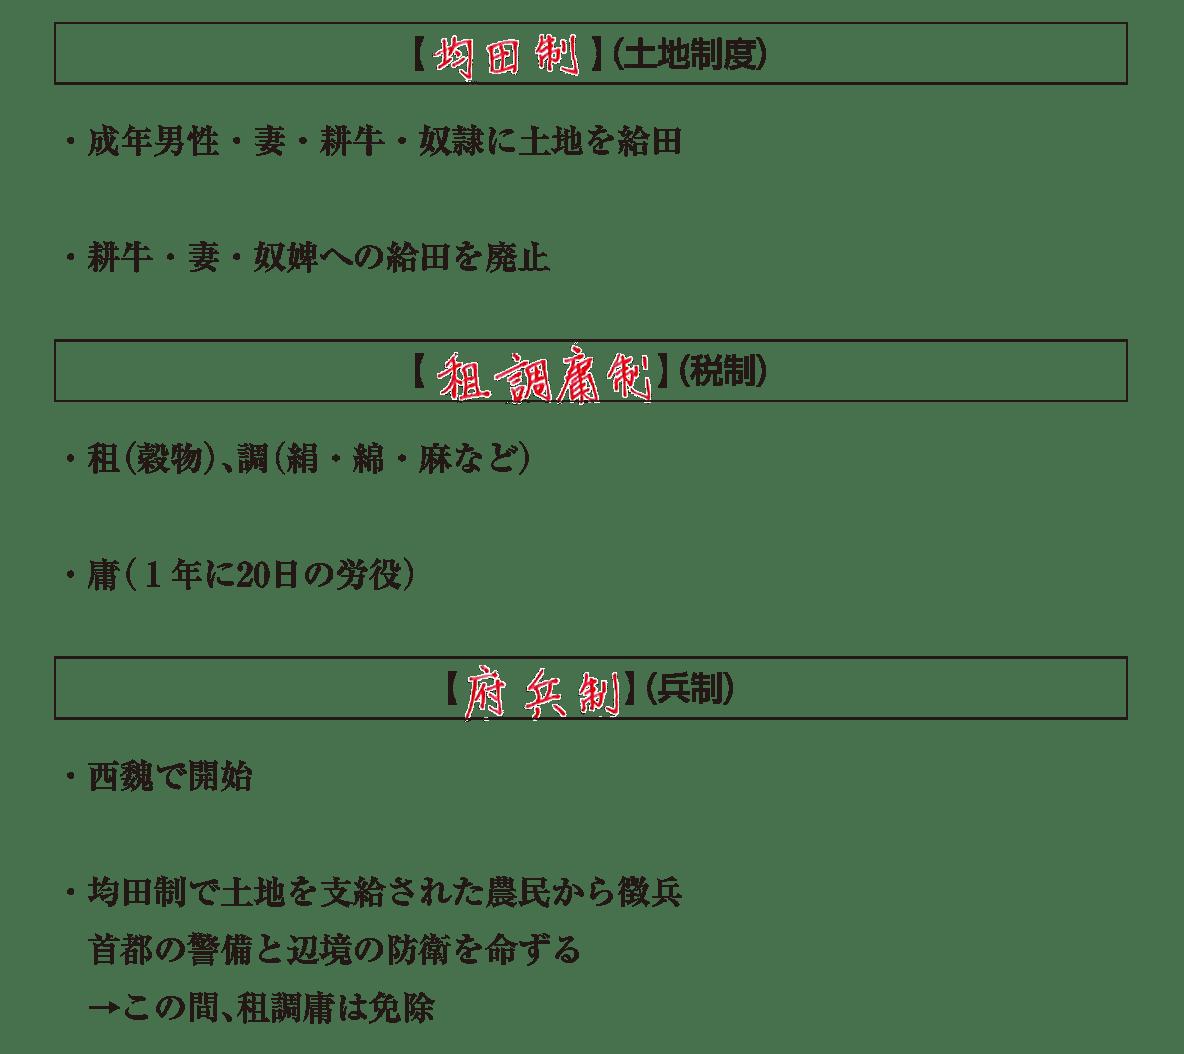 高校世界史 東アジア文明圏の形成1 ポ3 答え全部